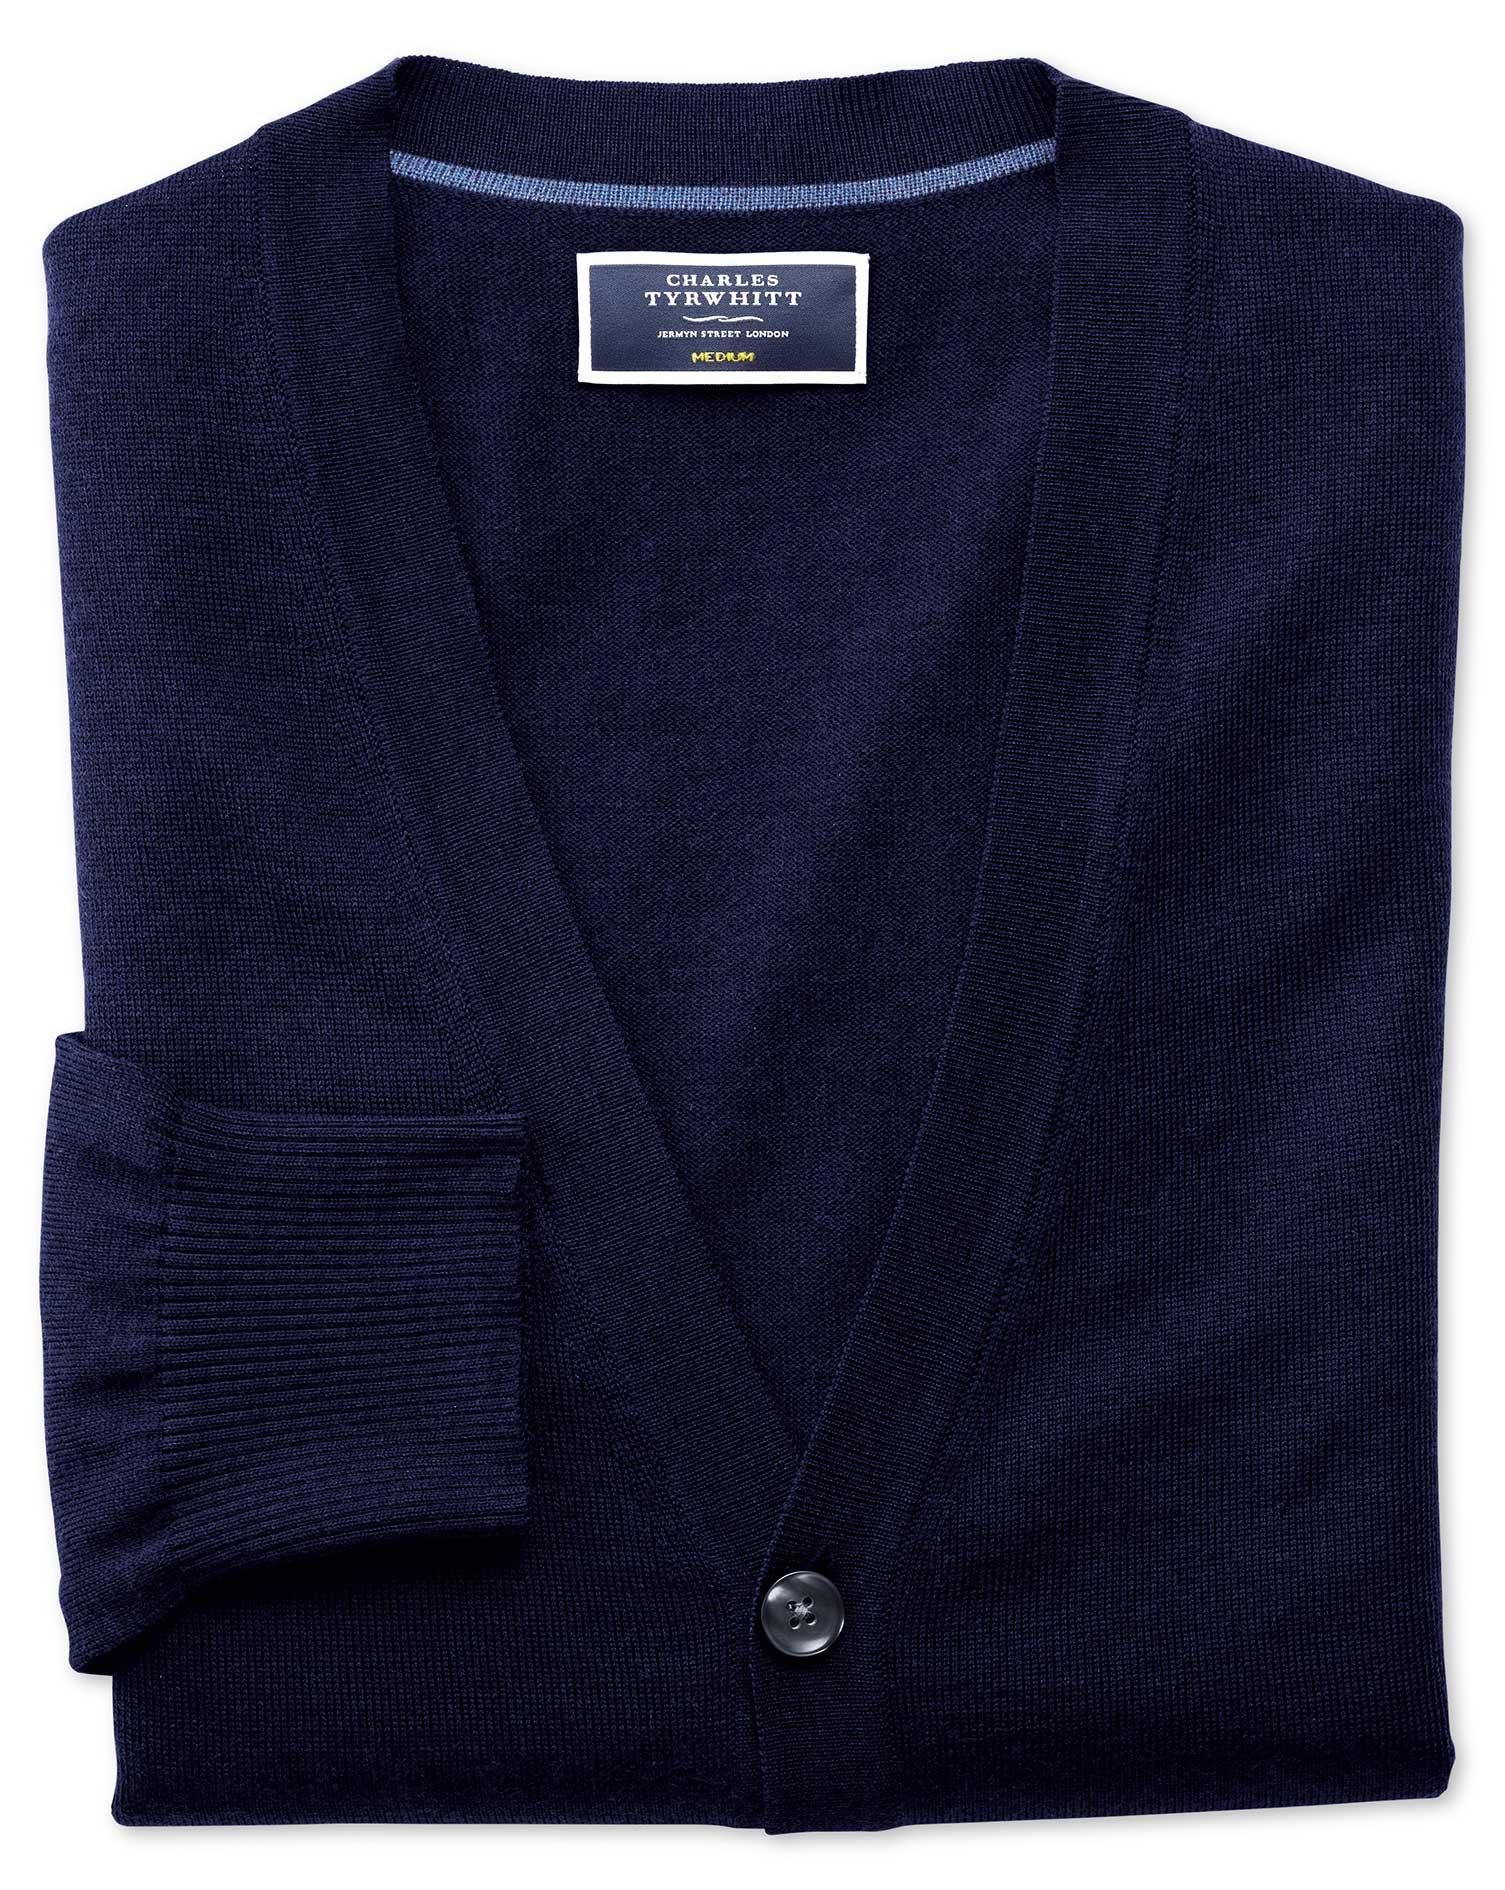 Navy merino wool cardigan | Charles Tyrwhitt